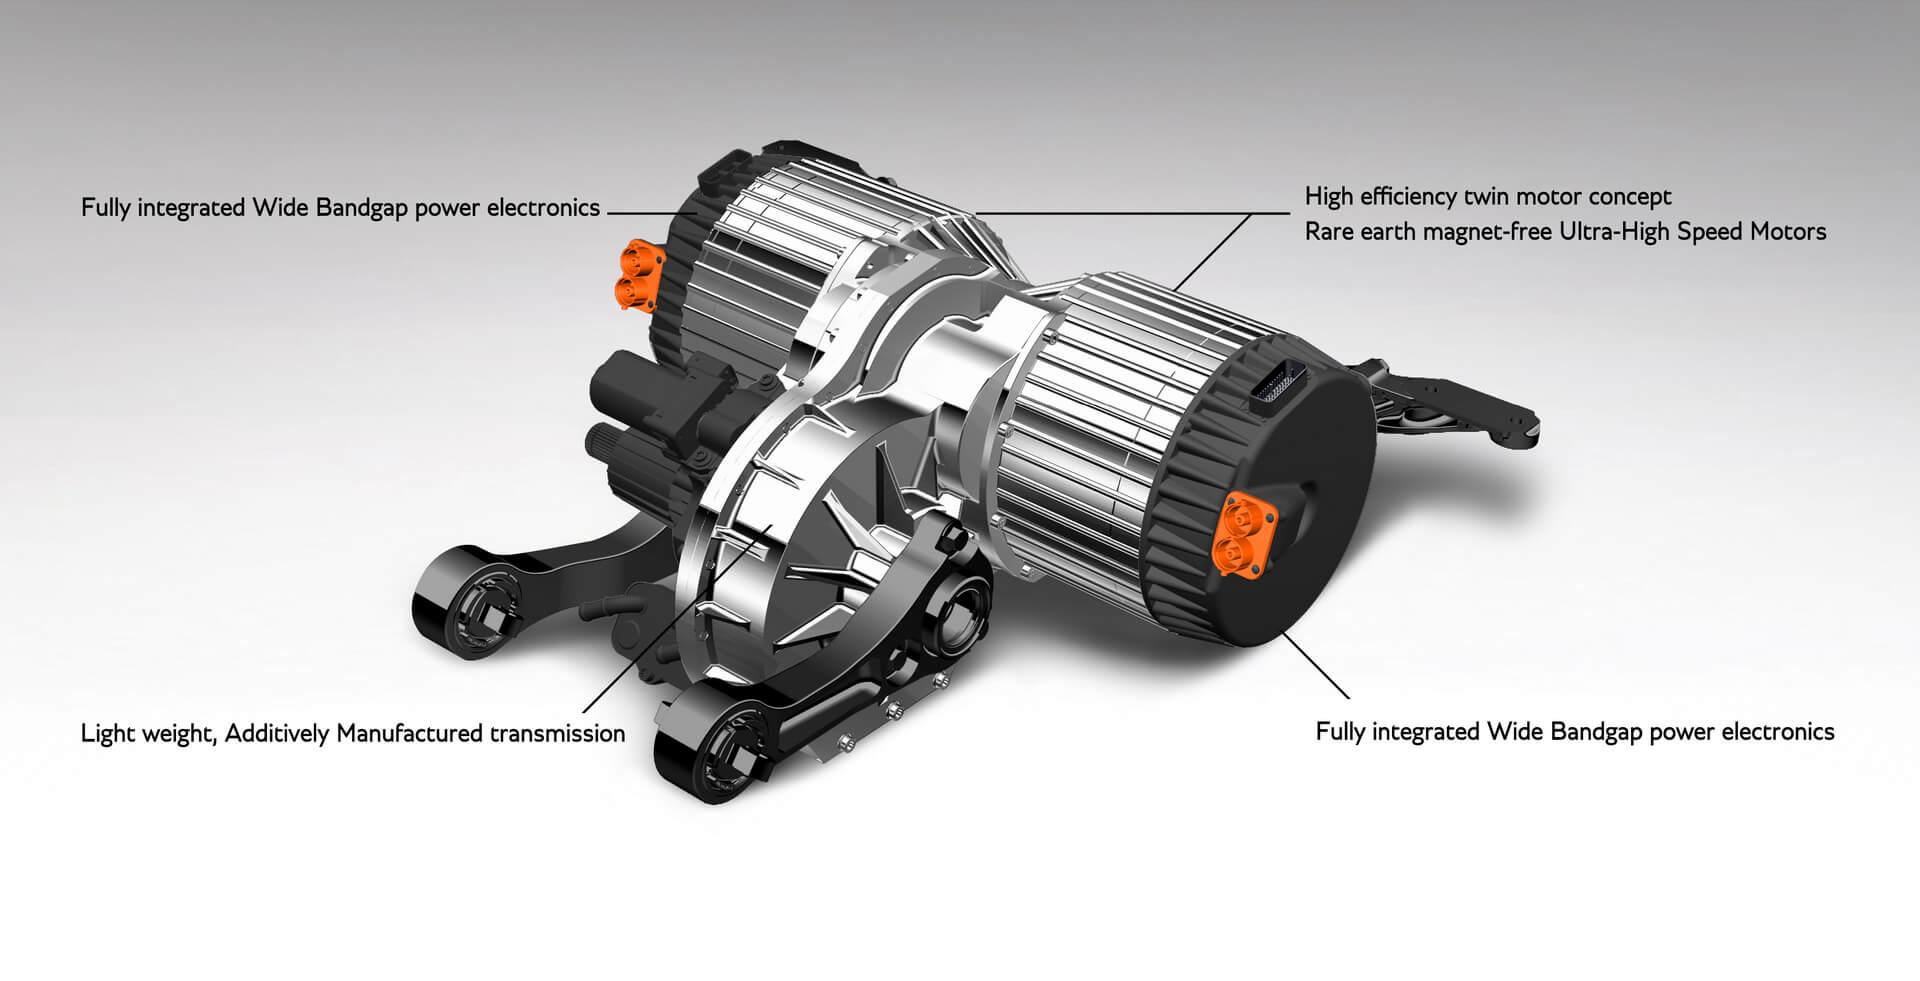 Силовой агрегат OCTOPUS E-axle включает 2 электромотора, трансмиссию и силовую электронику